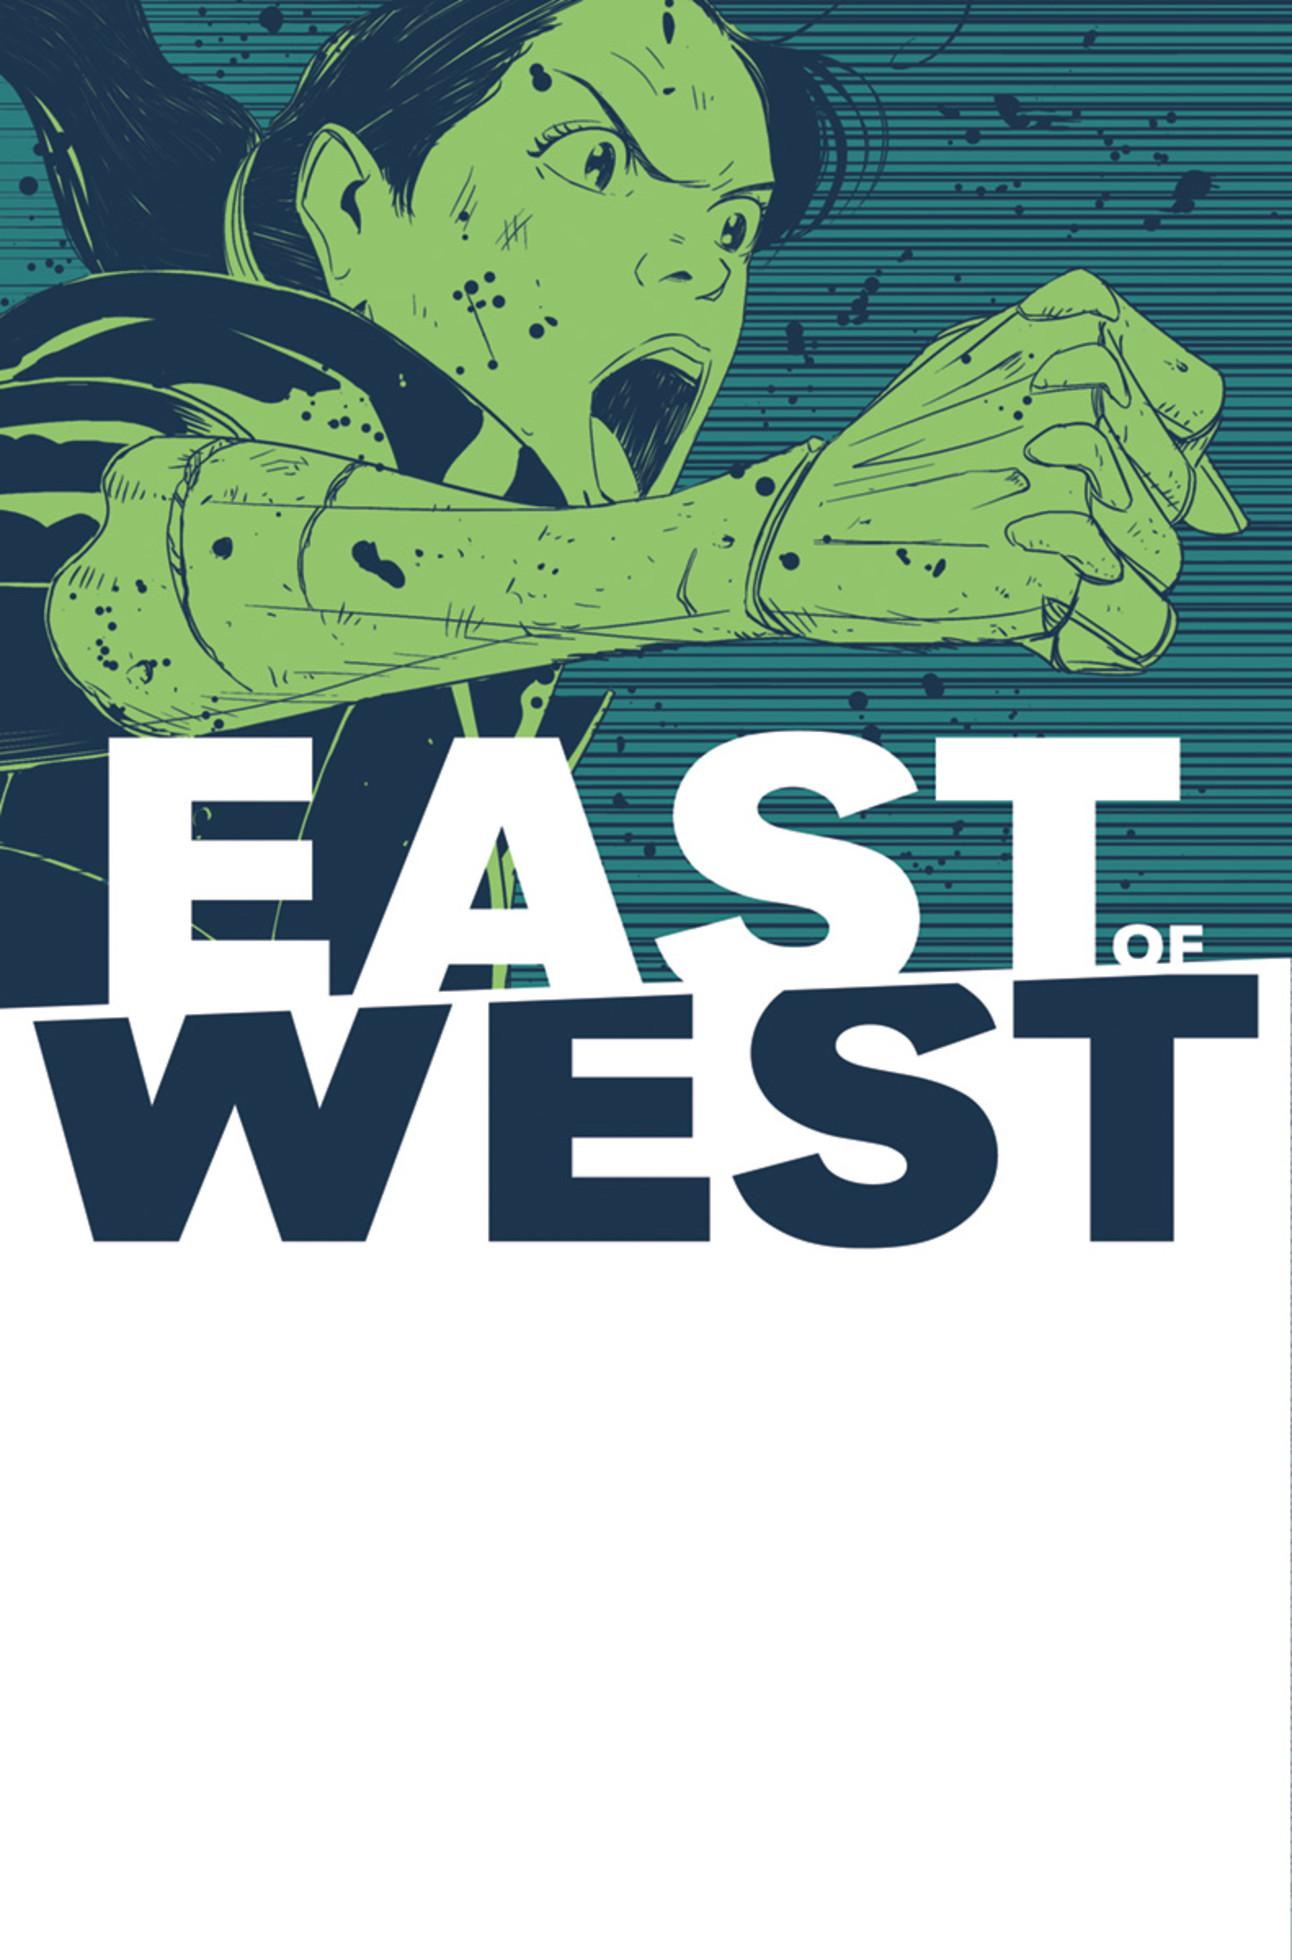 eastofwest-36_cvr.jpg